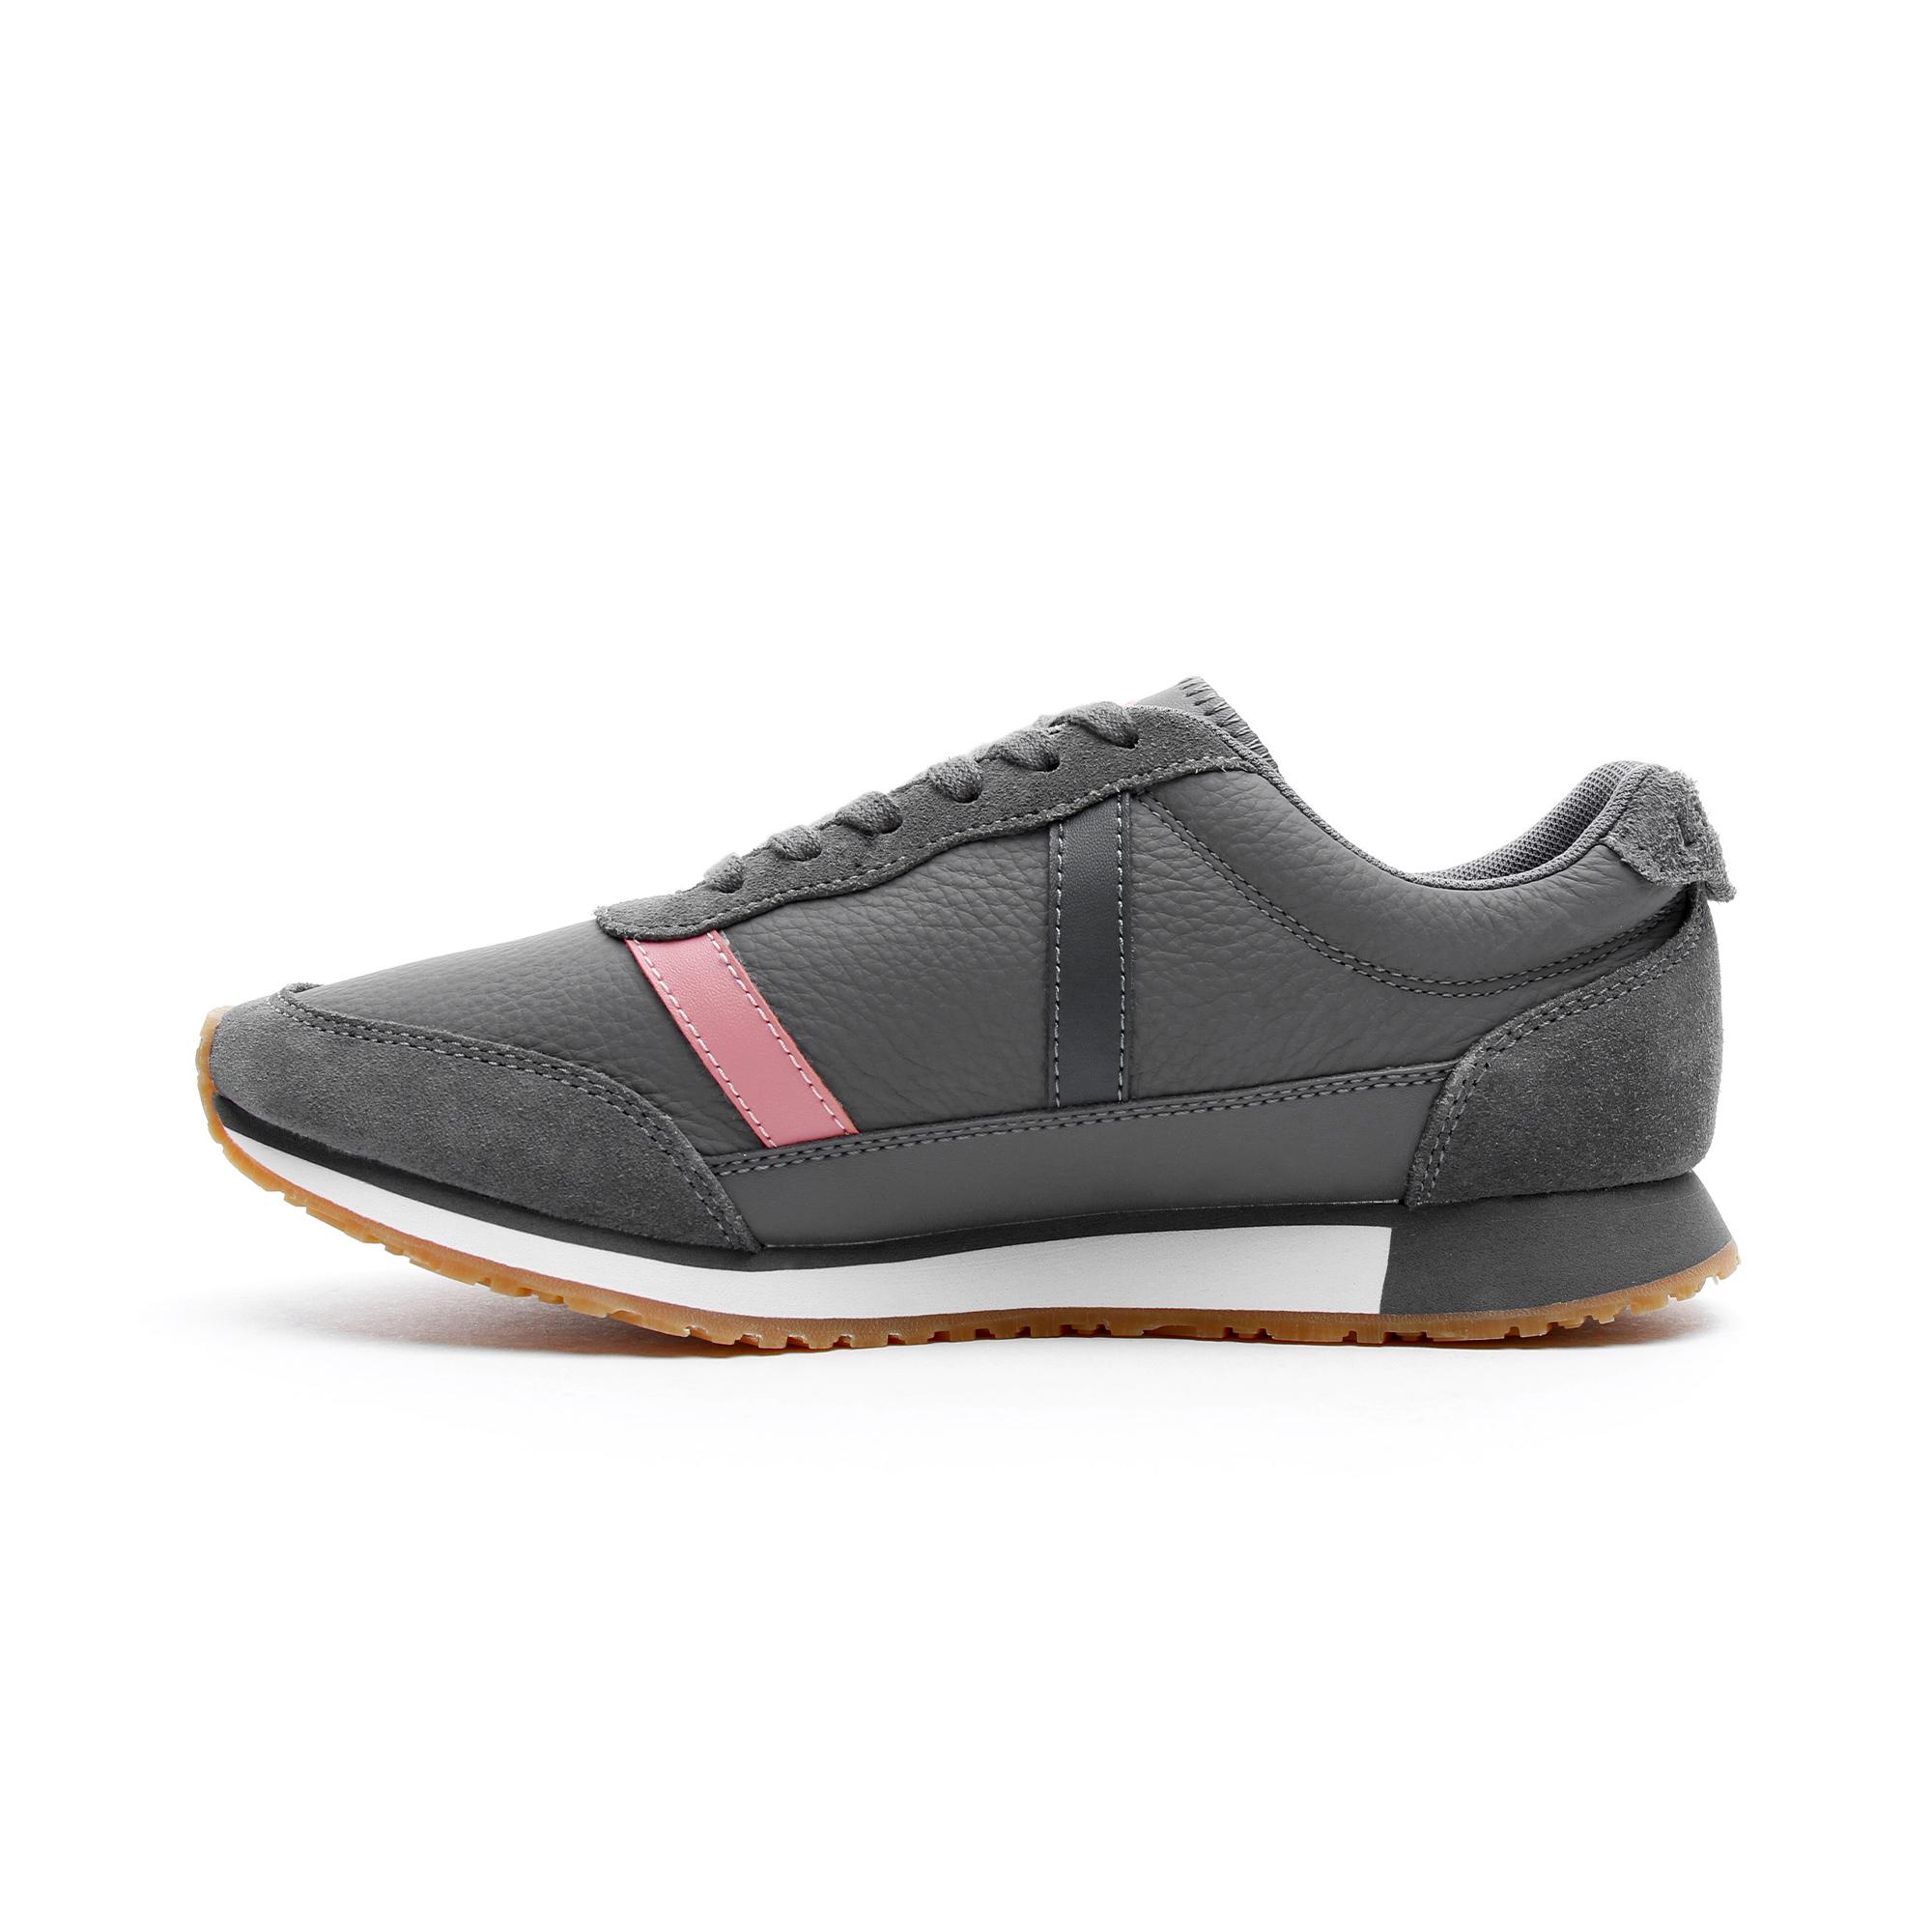 Lacoste Partner Kadın Koyu Gri - Pembe Spor Ayakkabı